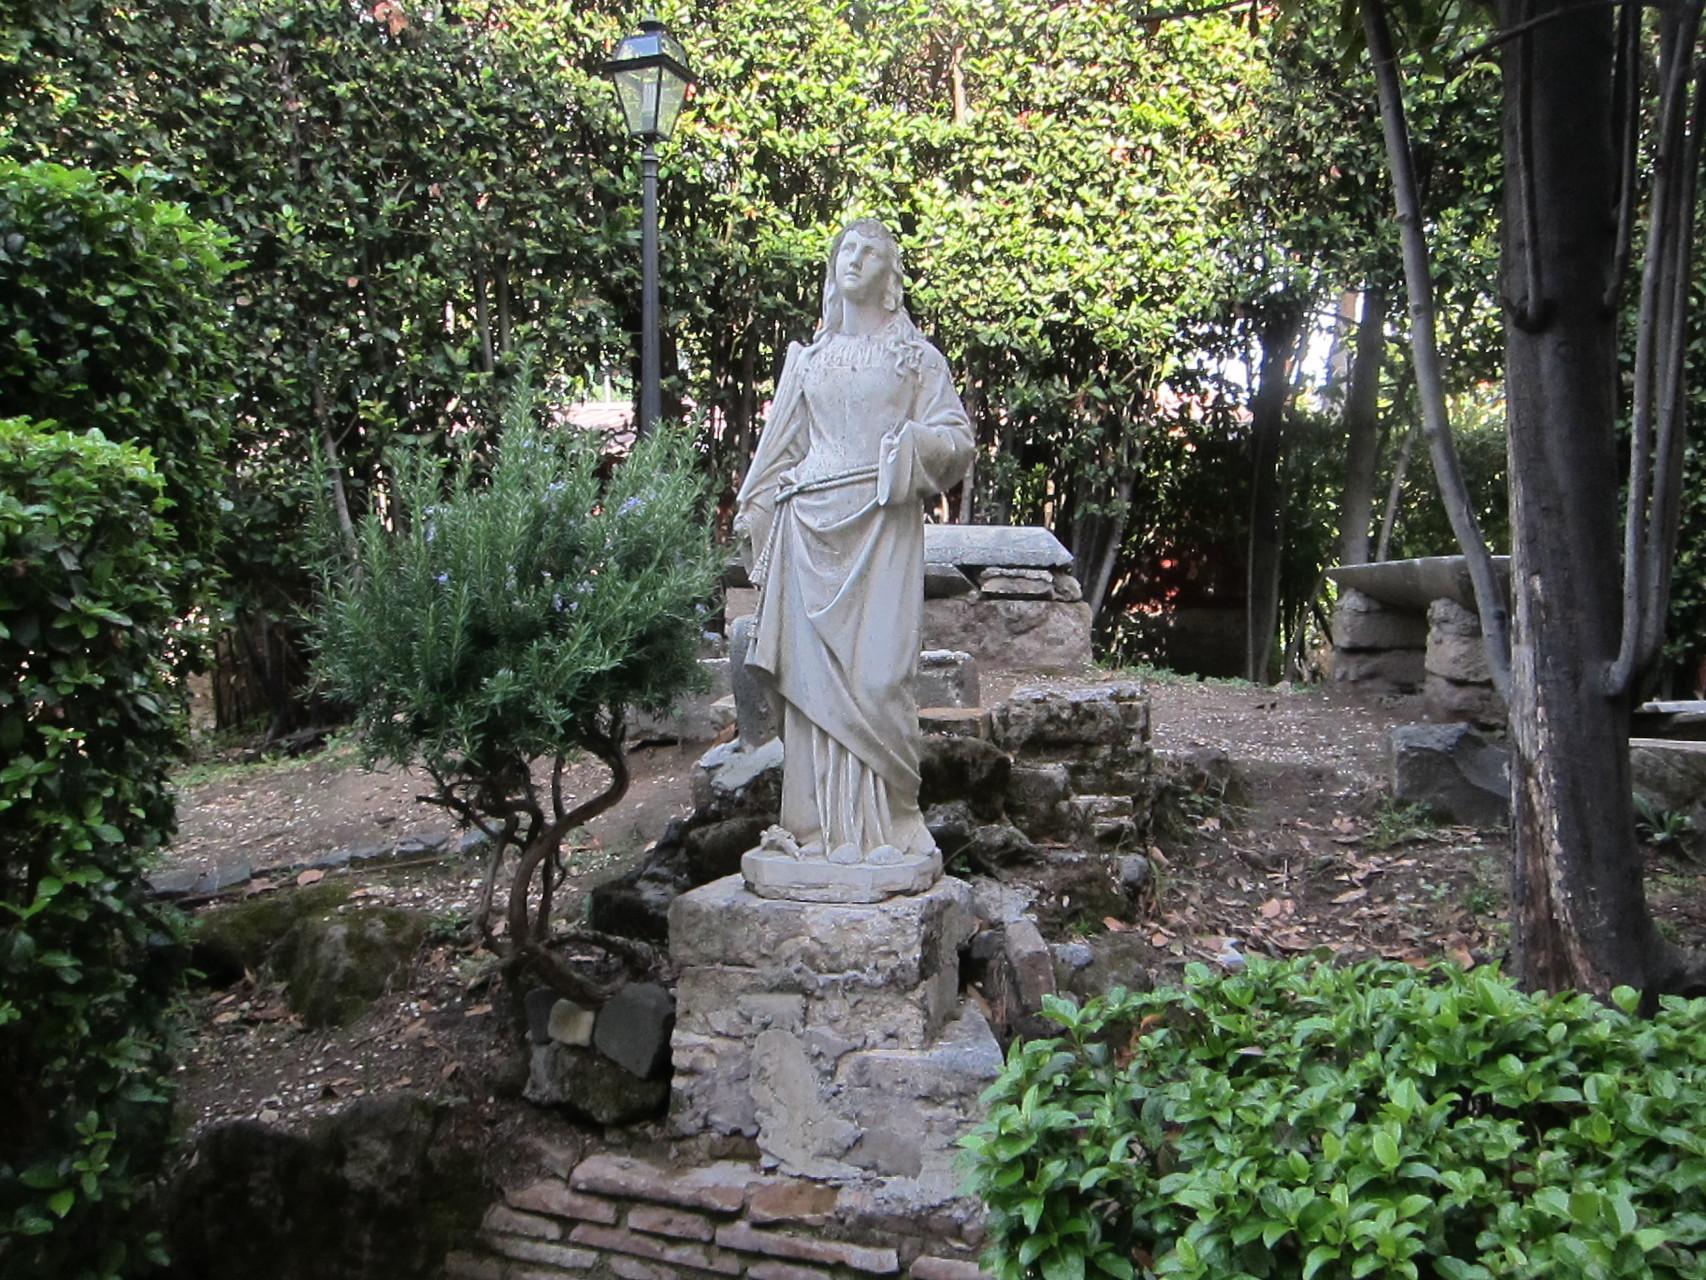 聖アグネスの墓地の上に建てられた聖堂へ向かう小道